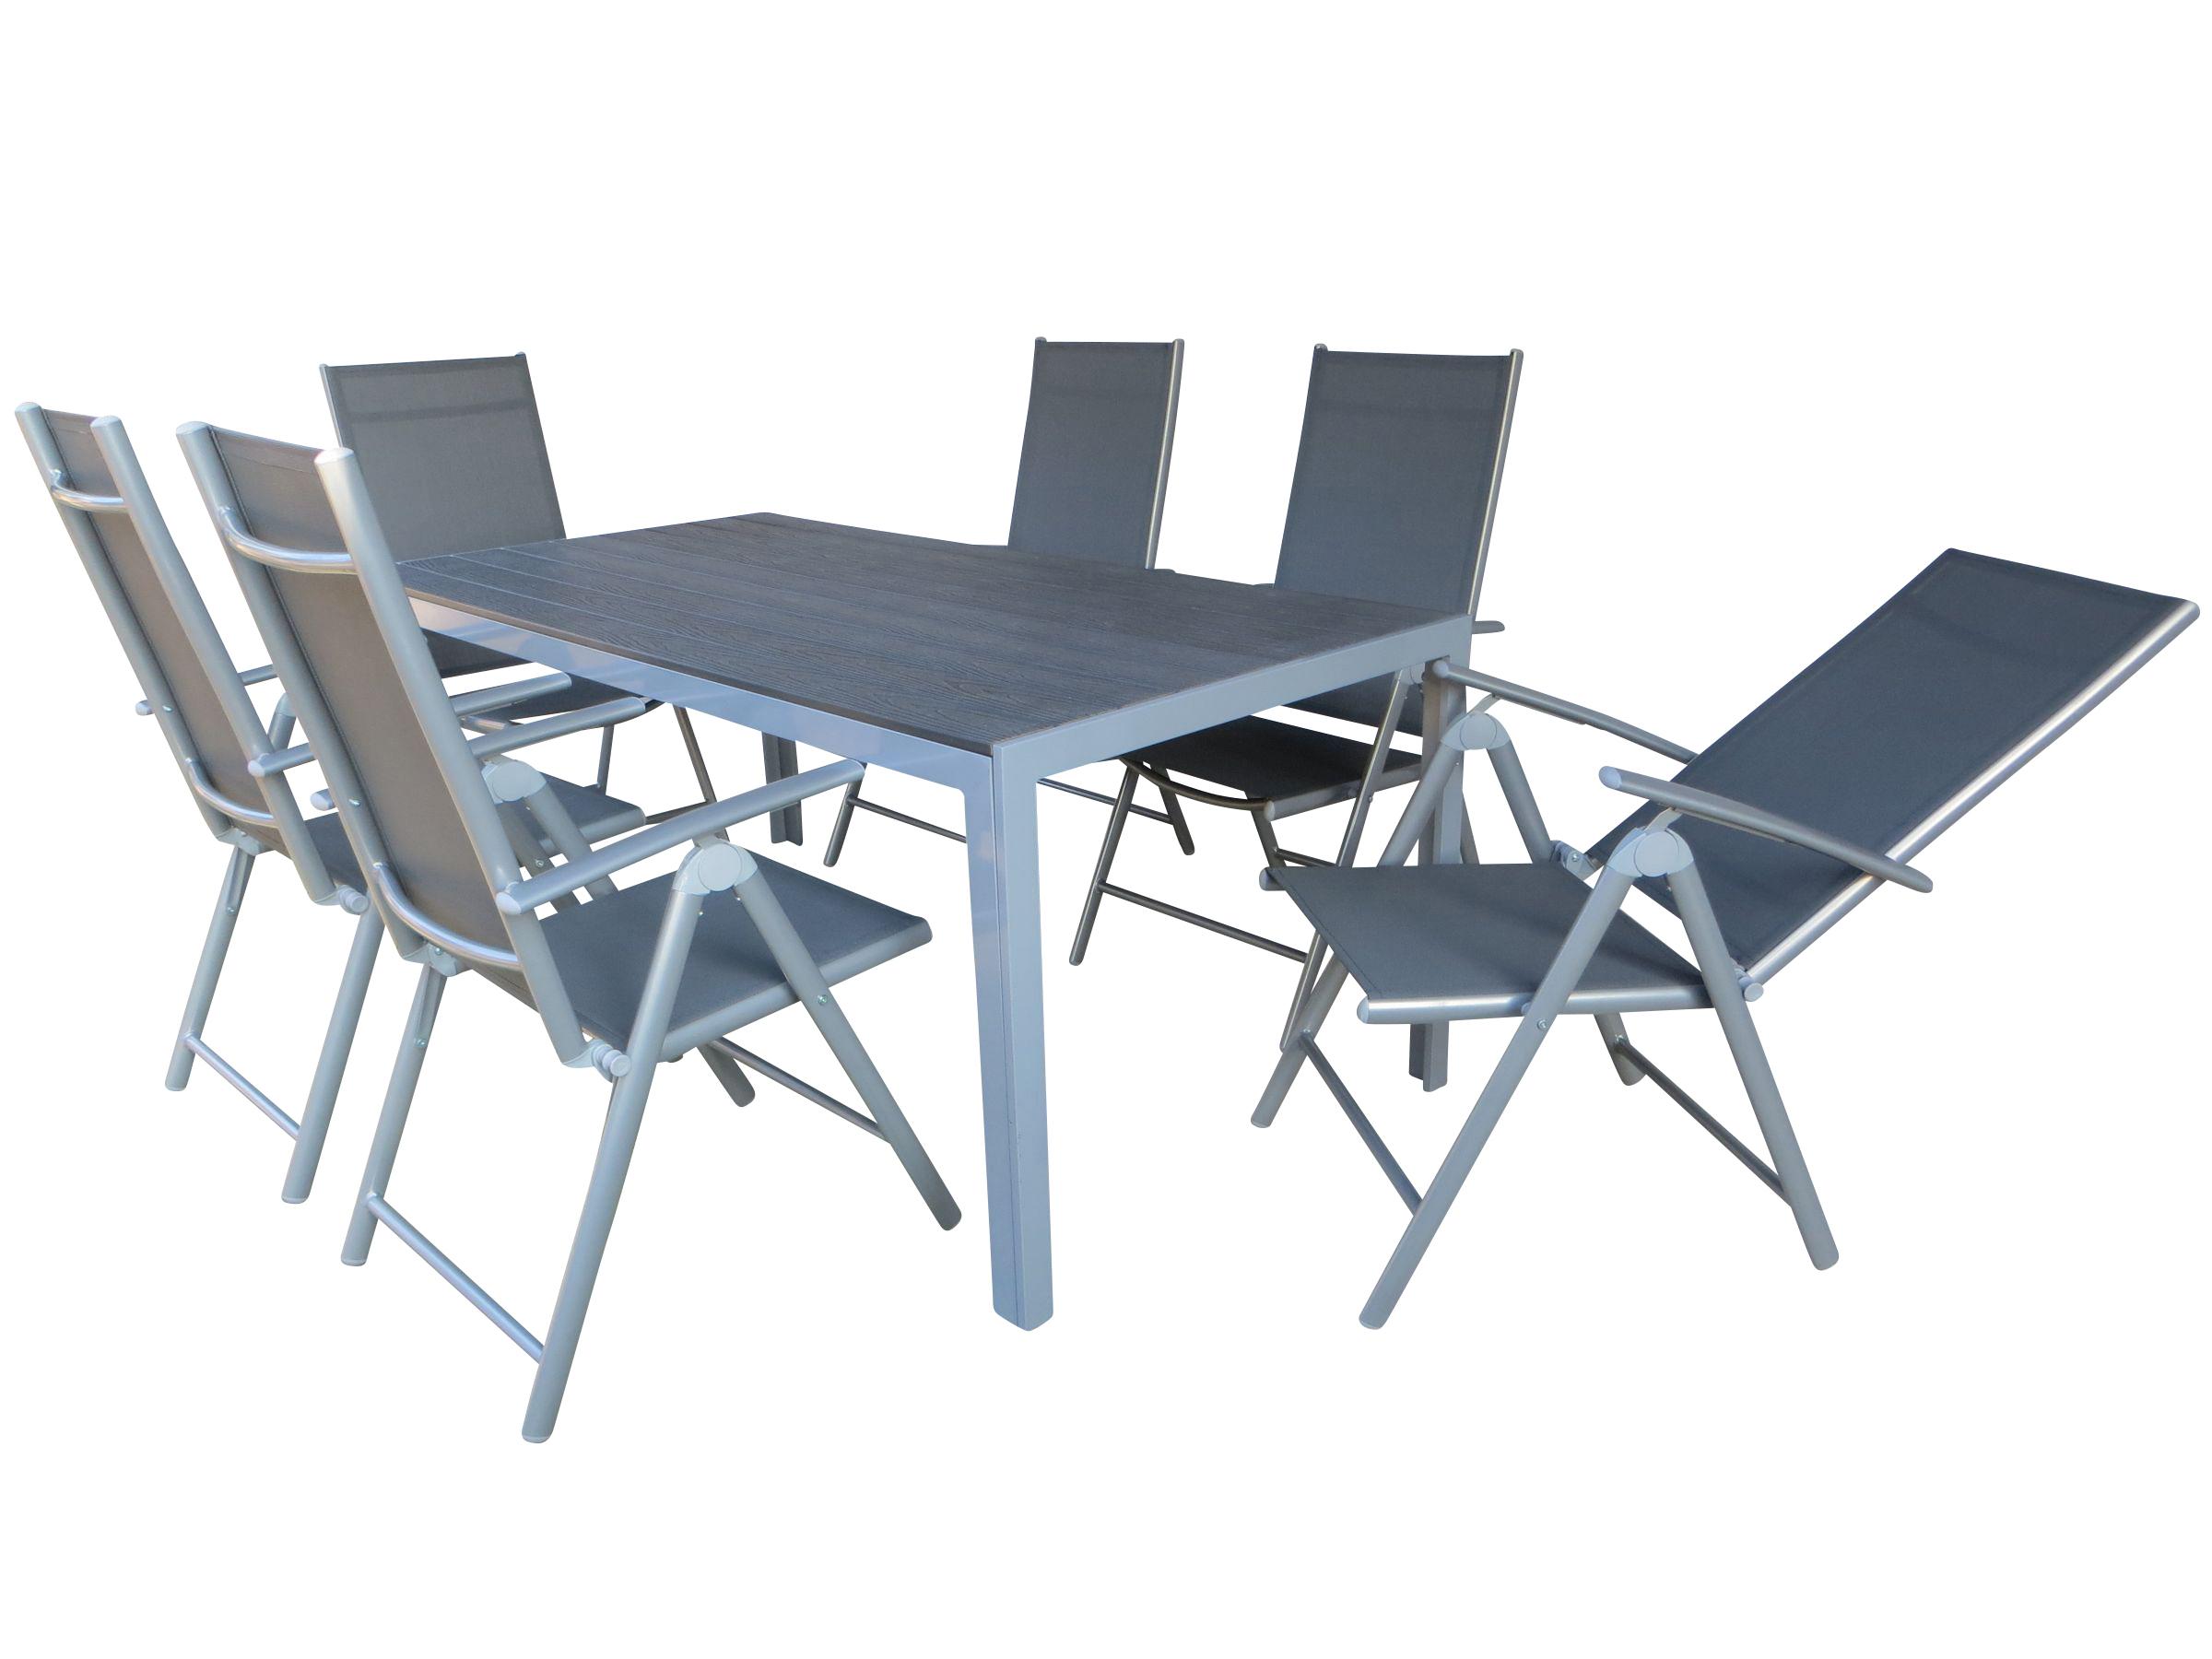 hot alu gartenm bel set sitzgarnitur 7 teilig silber. Black Bedroom Furniture Sets. Home Design Ideas